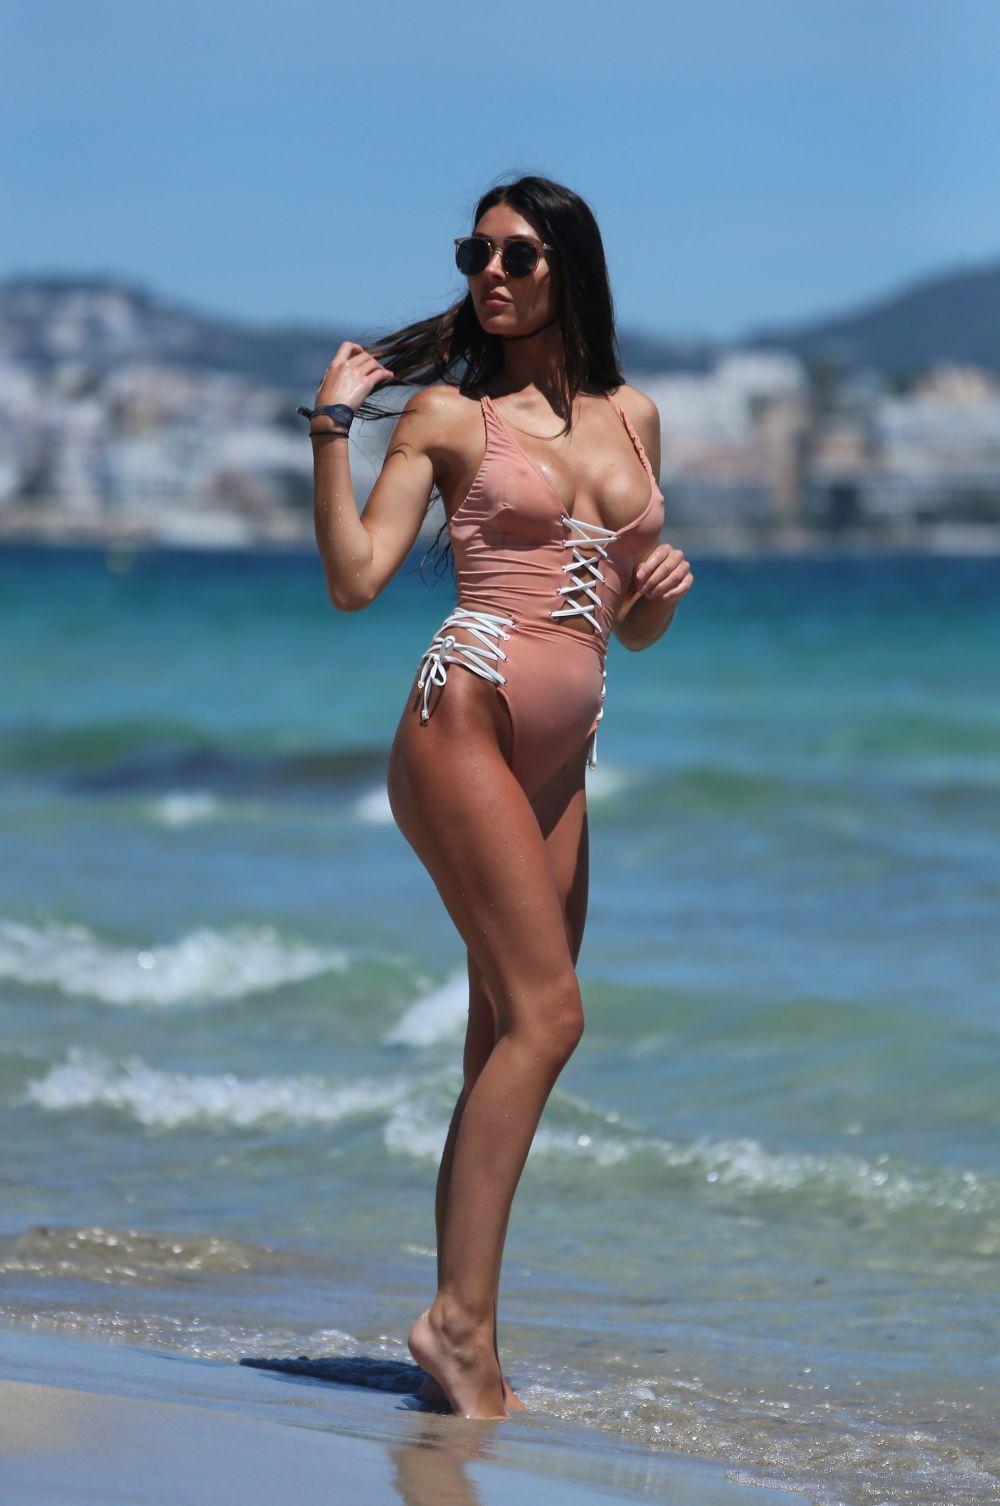 Знаменитого футболіста застукали за пляжними втіхами з топ-моделлю